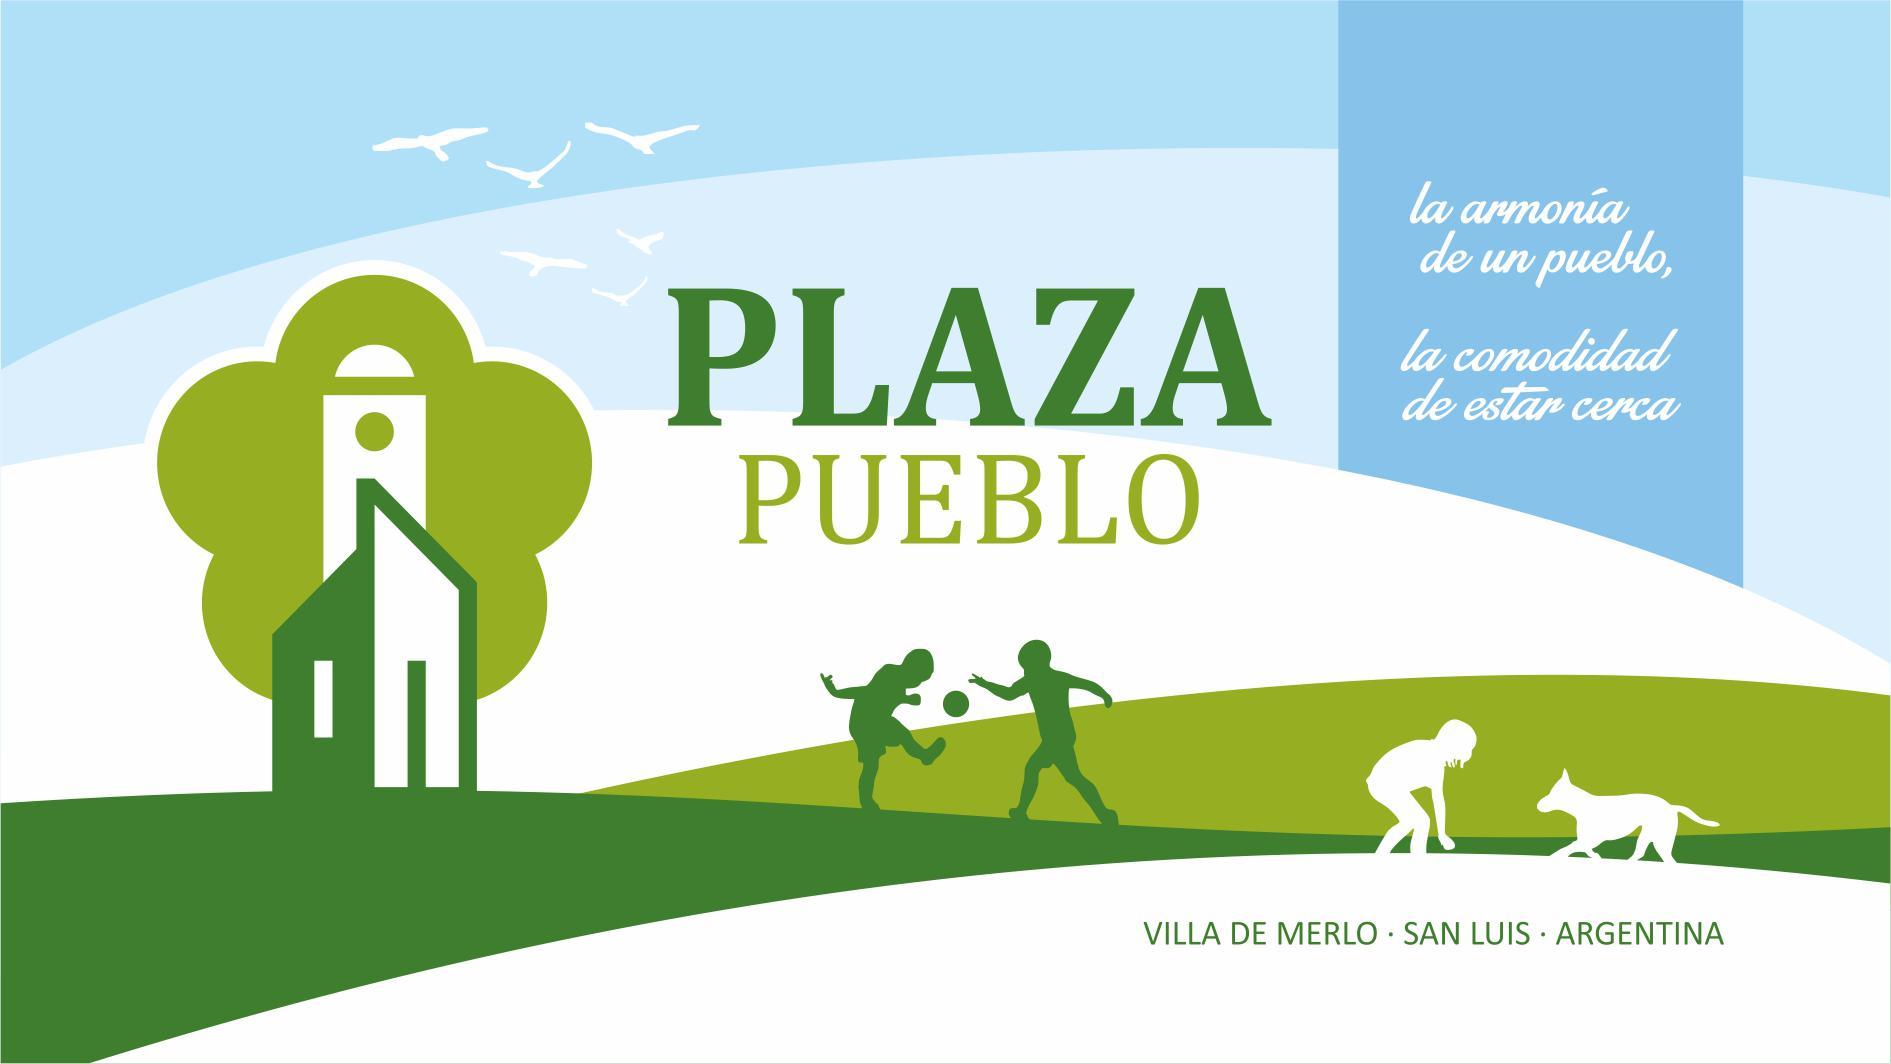 FotoEMPRENDIMIENTO - Barrio Abierto en  en  Merlo , Junin  Plaza Pueblo